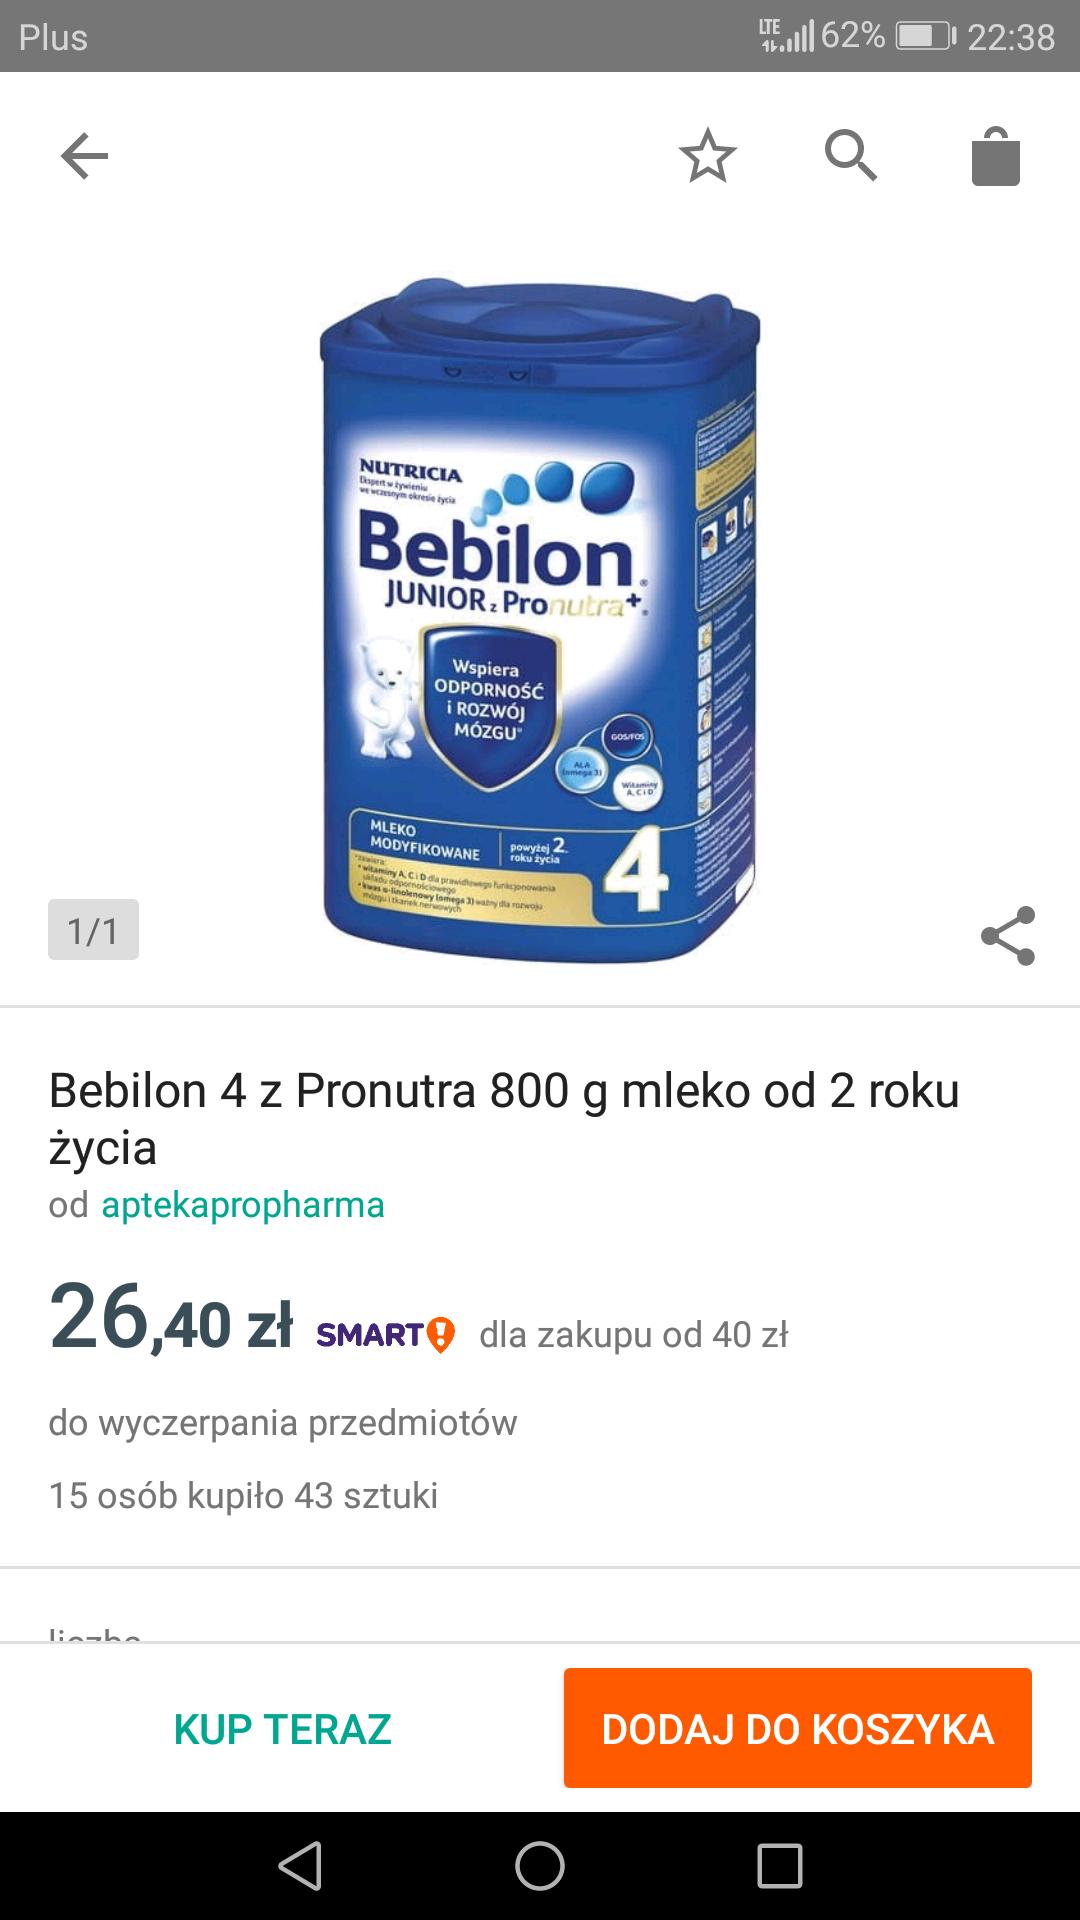 Bebilon 4 z Pronutra 800g